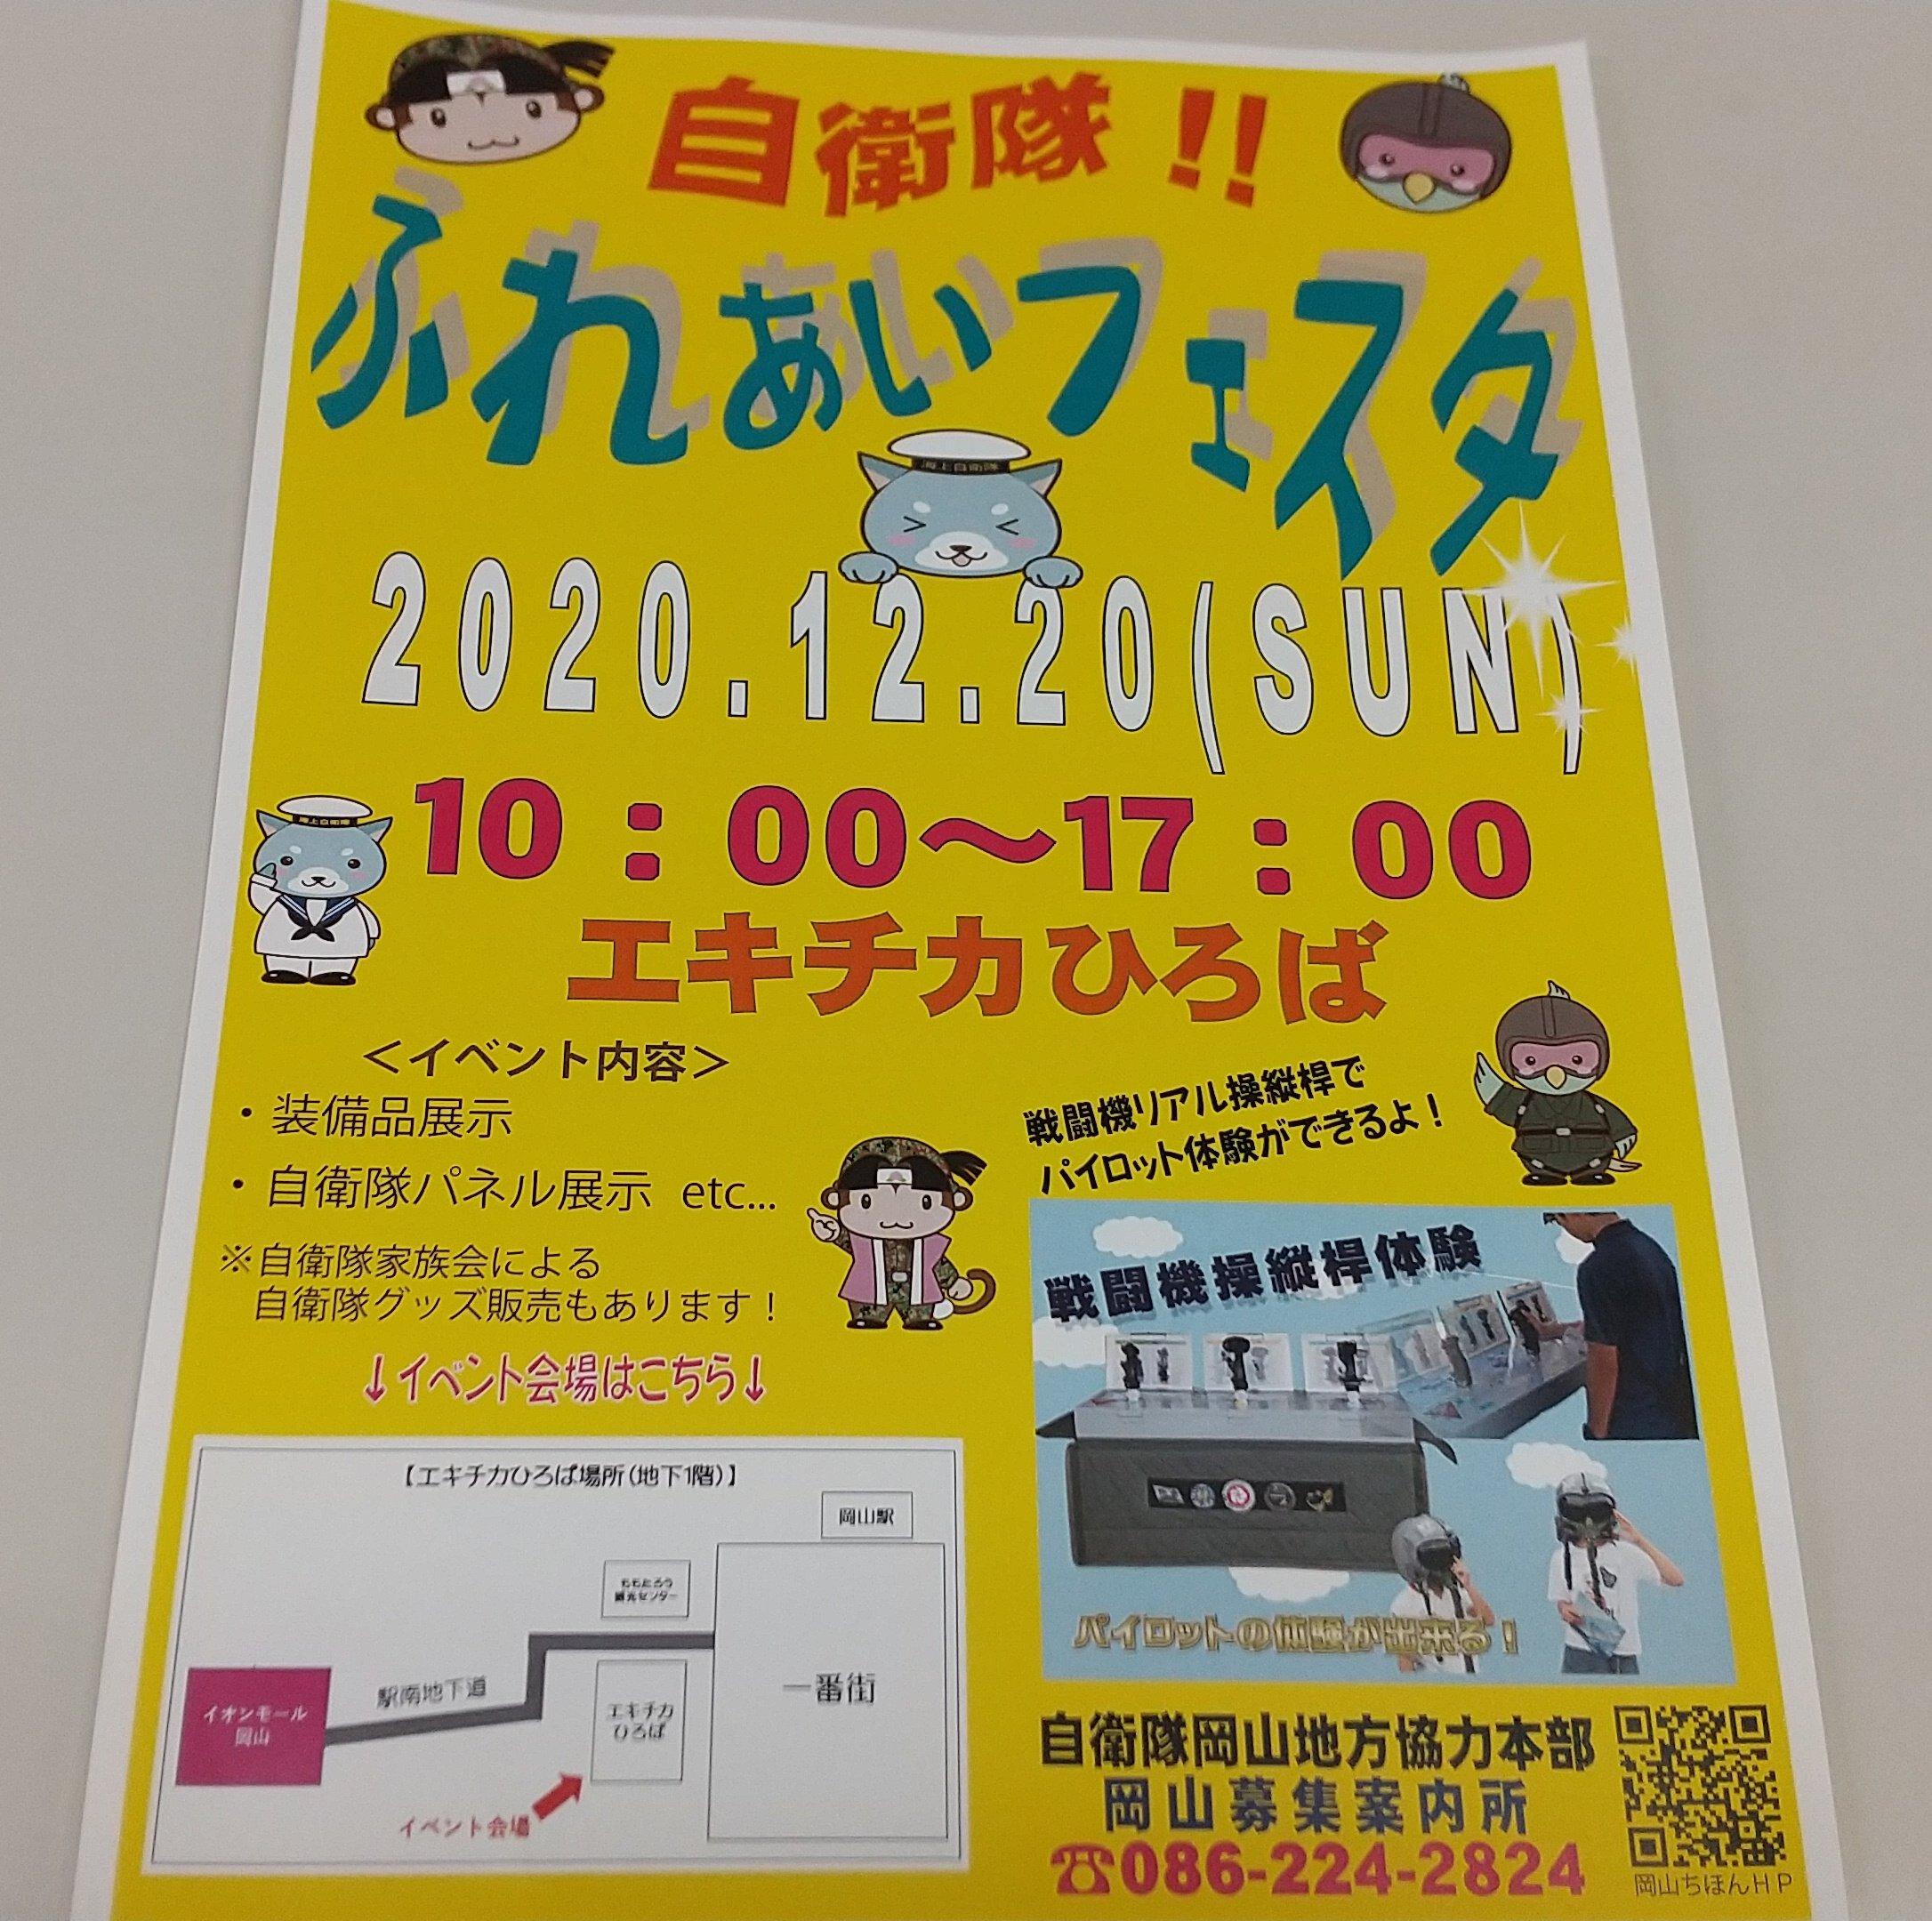 2020 自衛隊 イベント